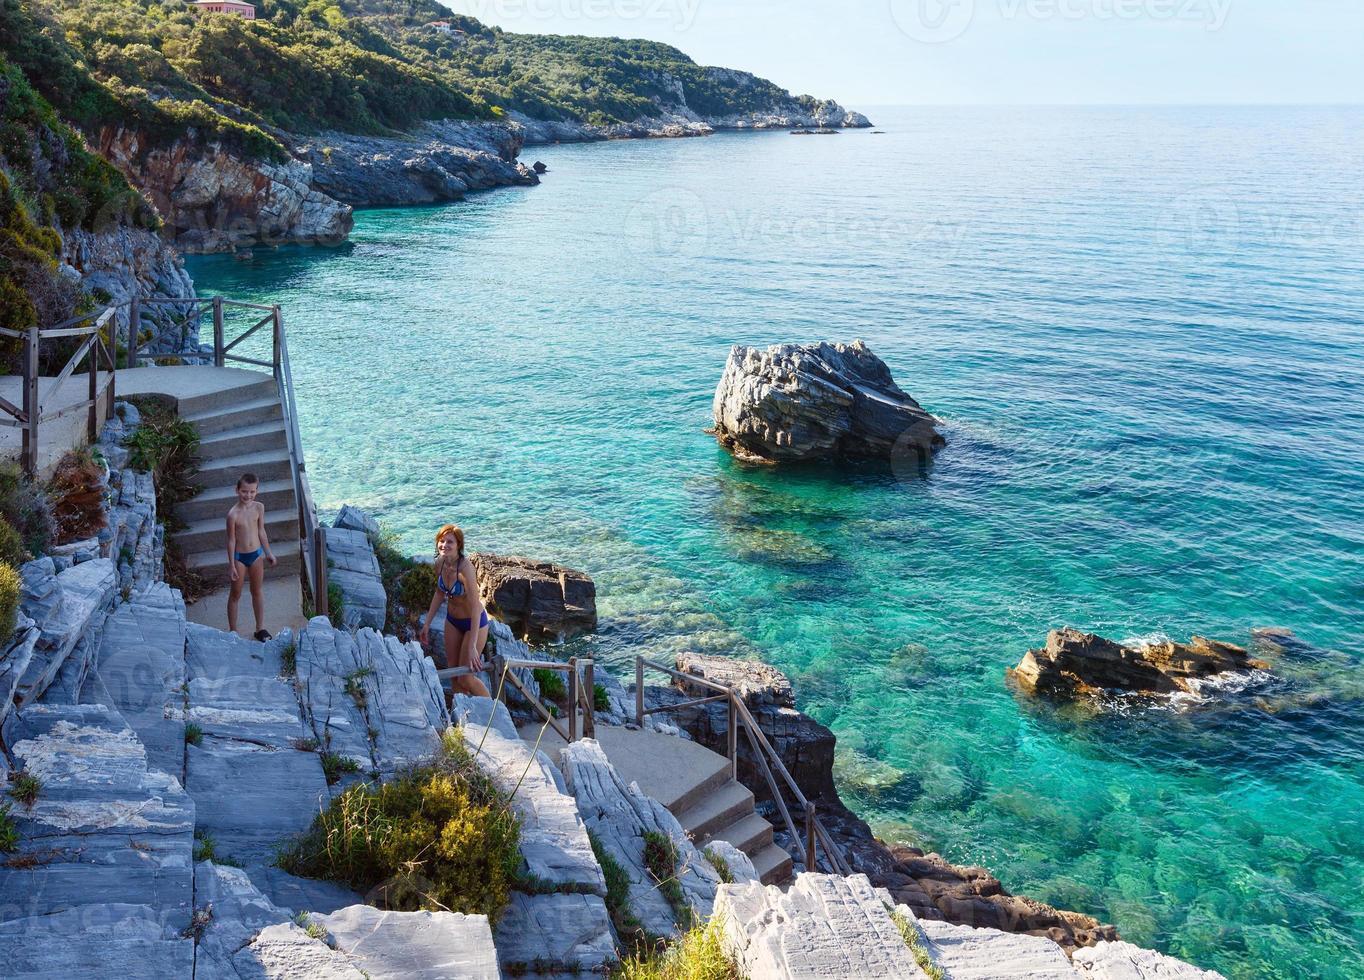 vista de verano de la playa de mylopotamos (grecia) foto